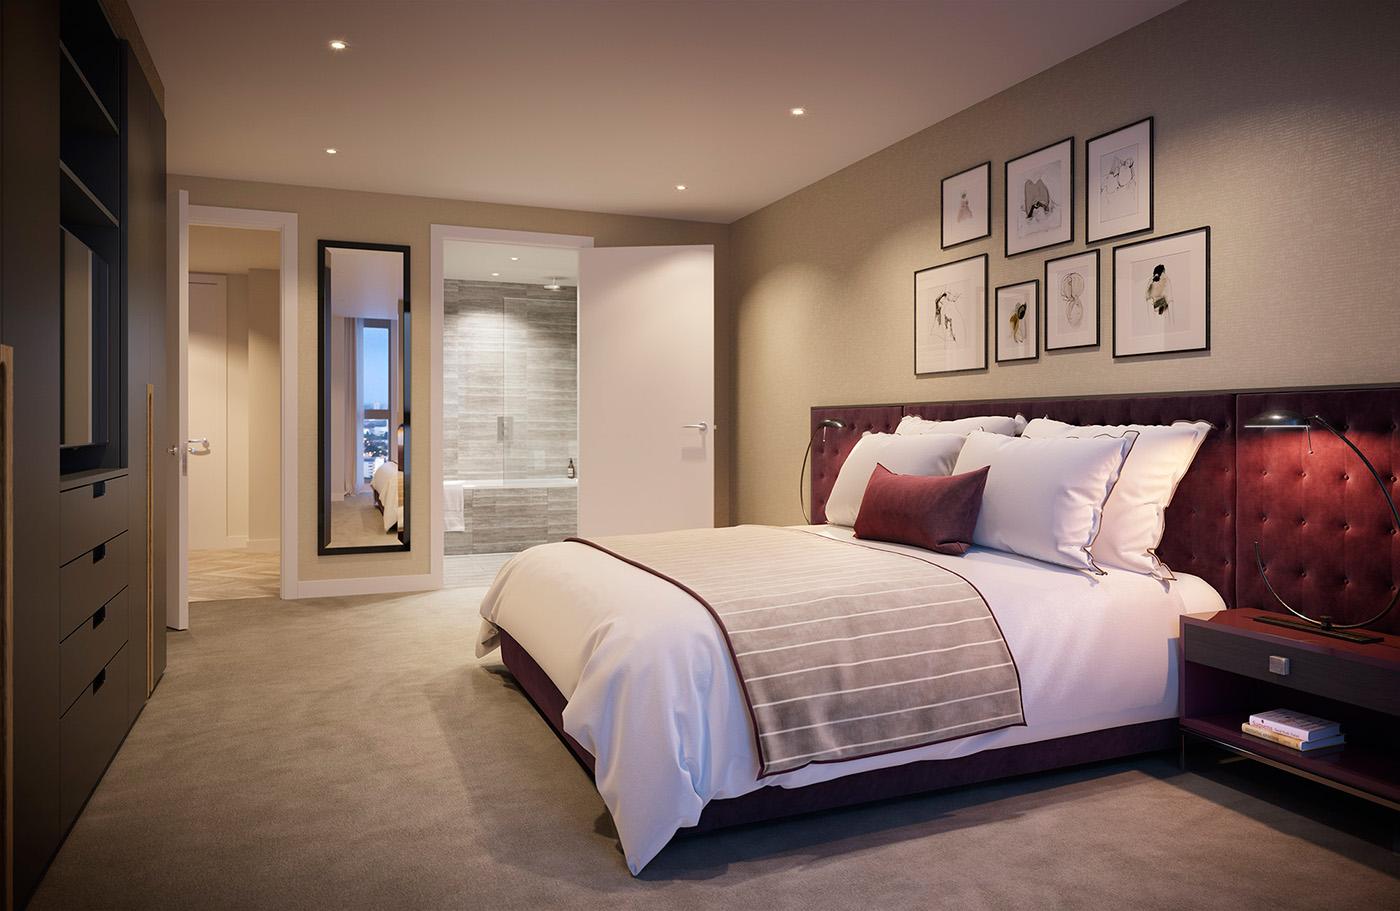 卧室整体感觉让人放松平静,在欧美设计感中,白色与原木的搭配多了一些温润的感觉。